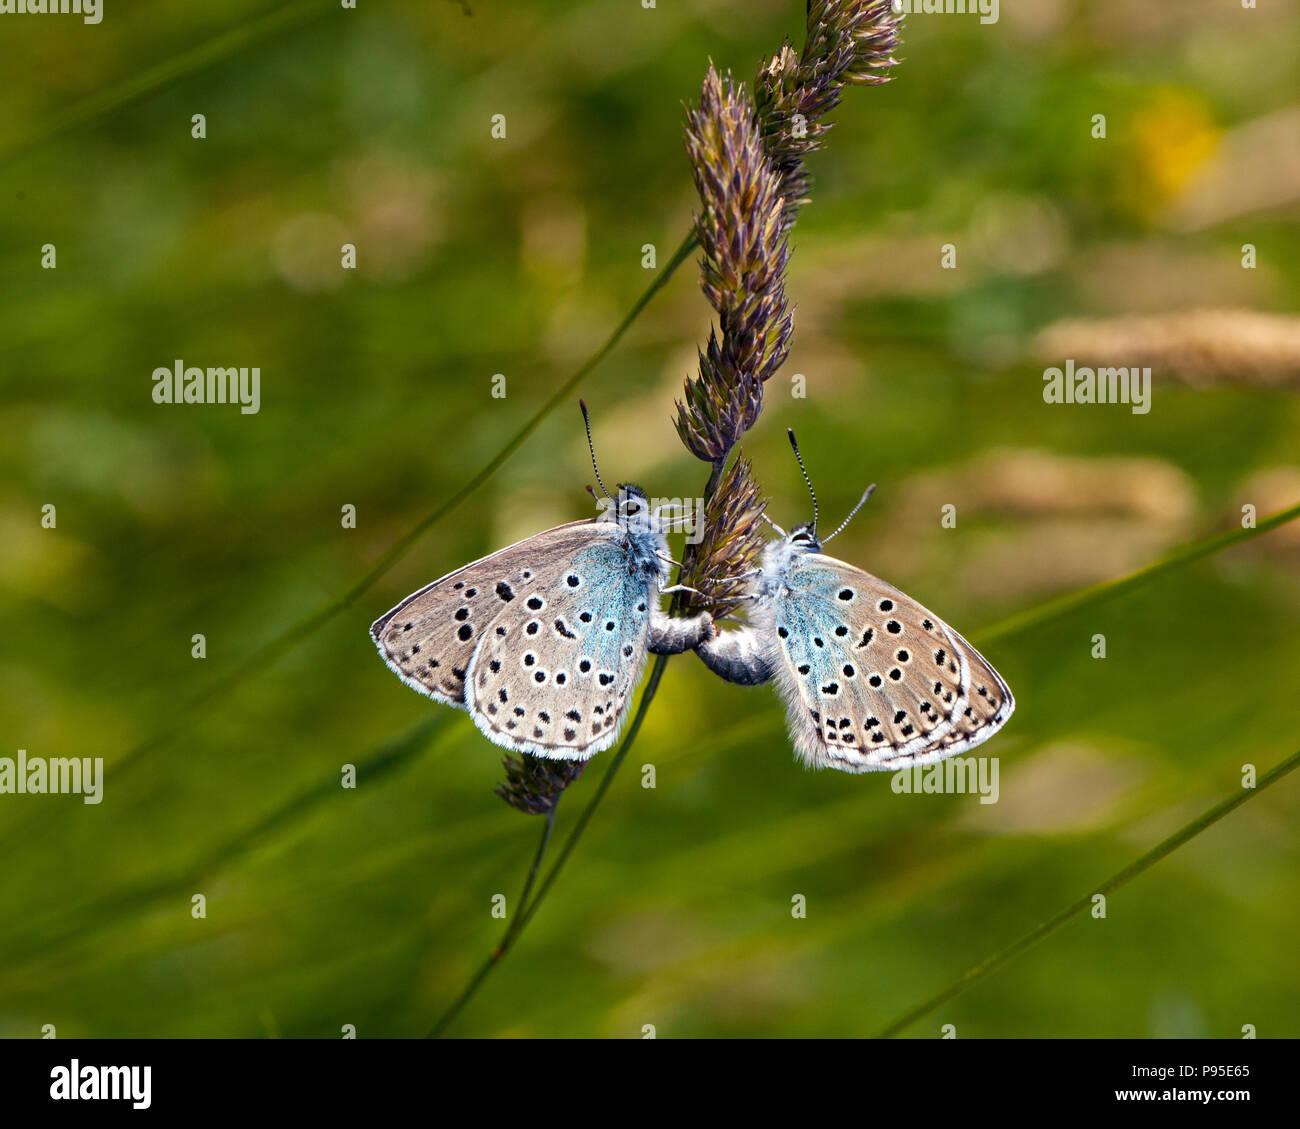 Coppia di grandi farfalle blu Maculinea arion Collard su Hill Somerset dopo la sua reintroduzione di successo negli anni ottanta dopo essere diventato estinti nel 1979 Immagini Stock